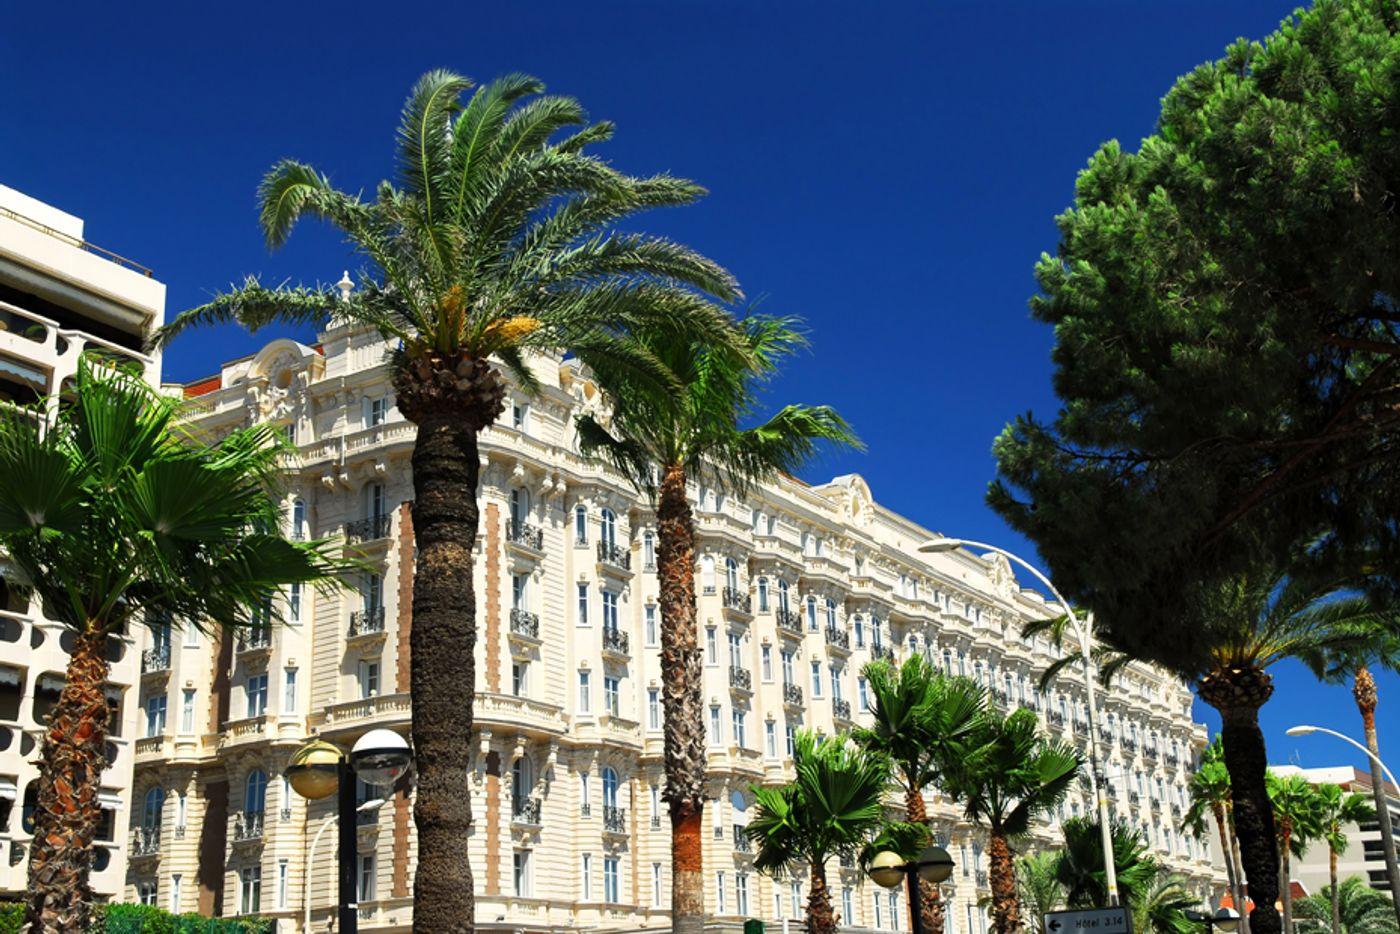 Photo Tour of West Mediterranean 3